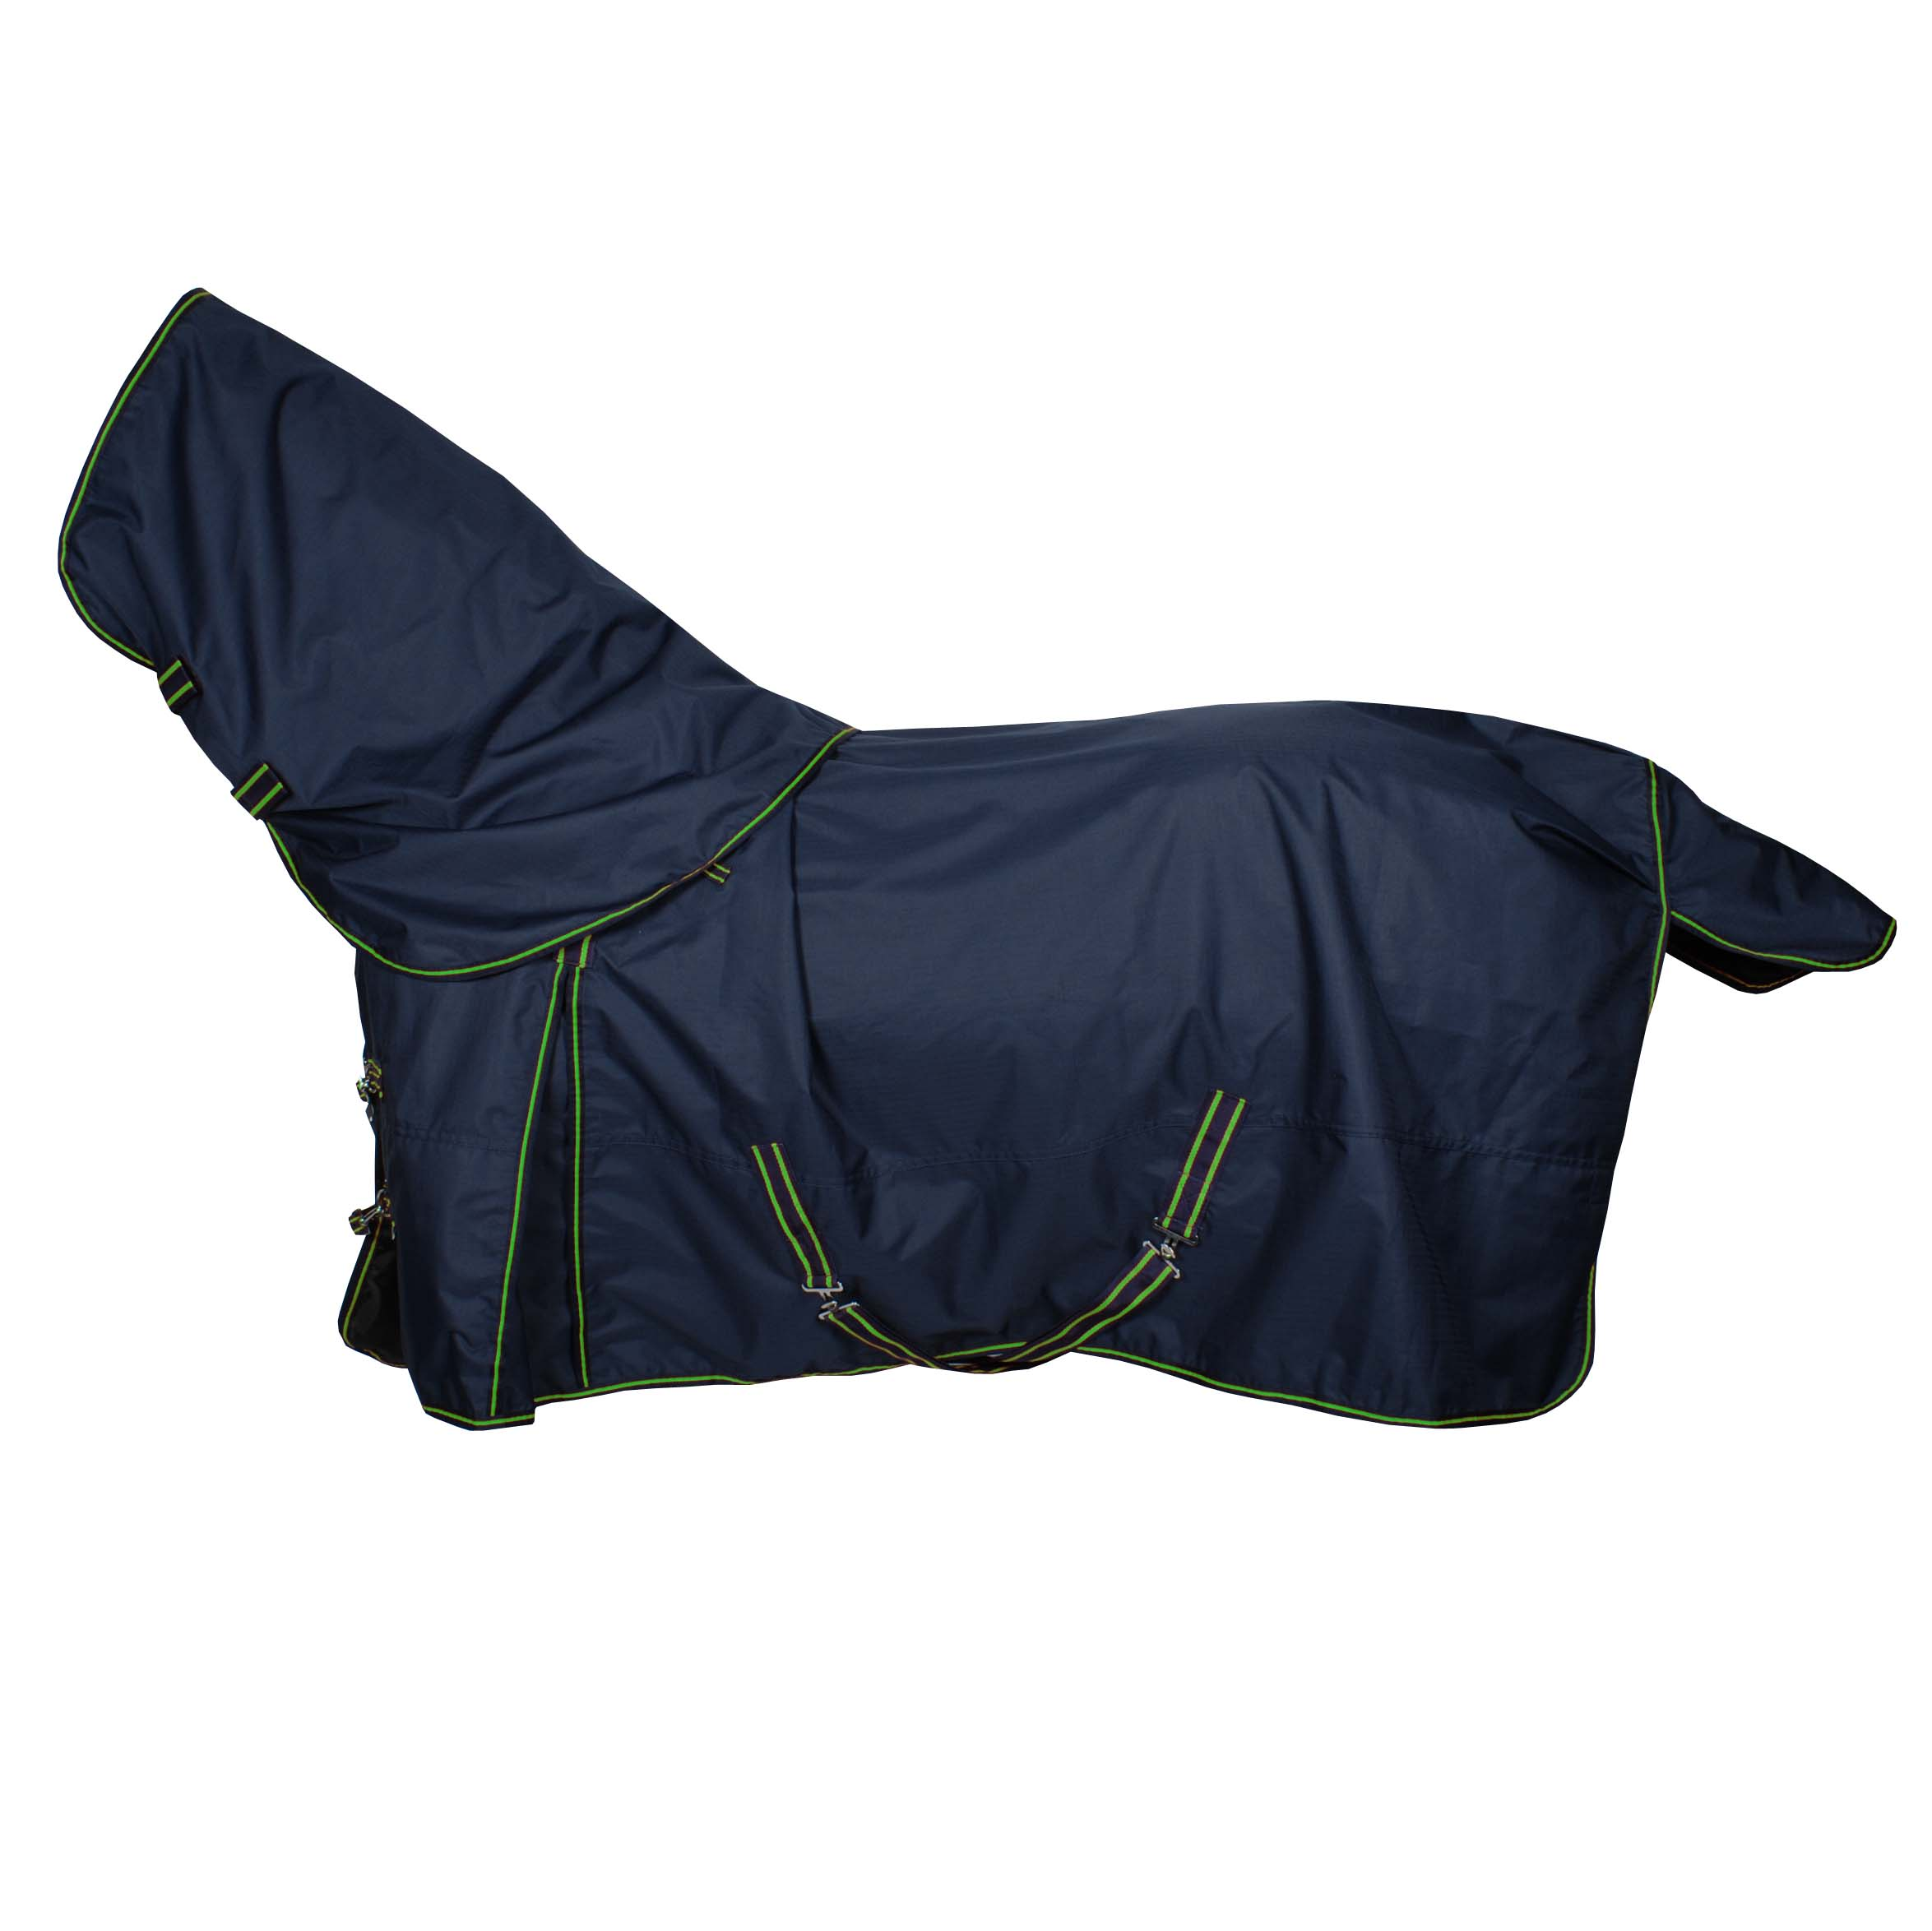 Pagony Outdoordeken Lloro met losse hals 200gr donkerblauw maat:175